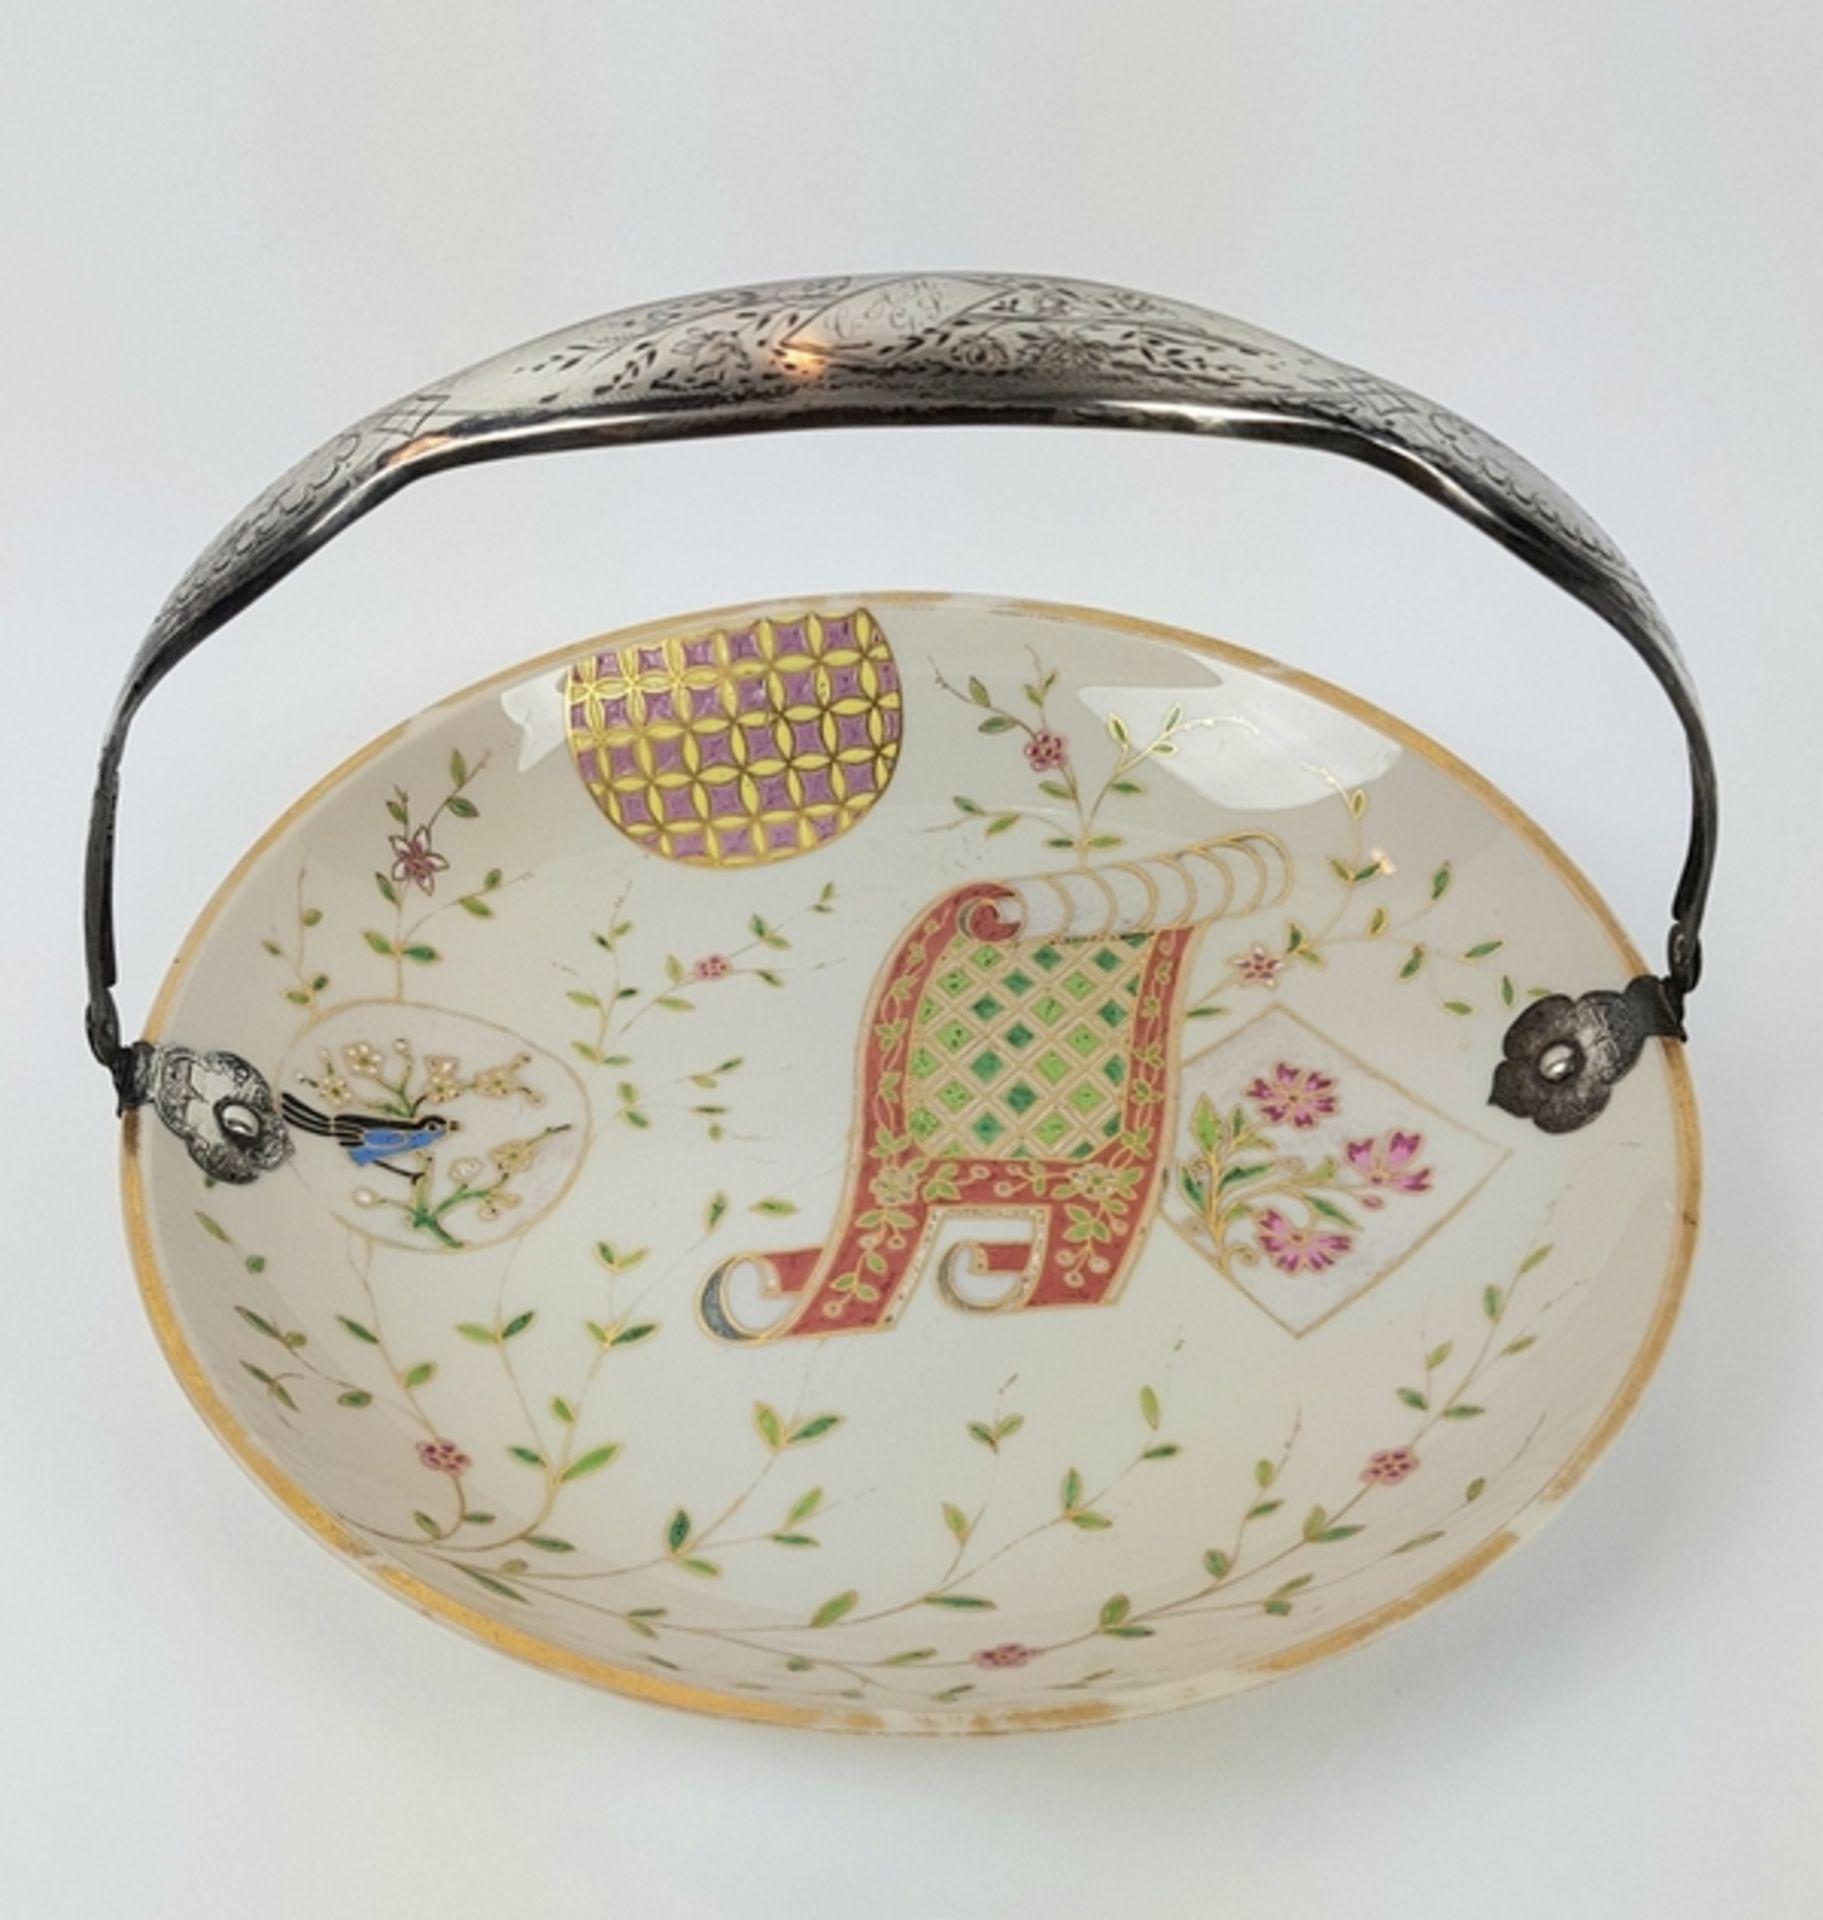 (Antiek) Serveerschaal met zilveren hengselBeschilderde opaline schaal met zilveren hengsel, ci